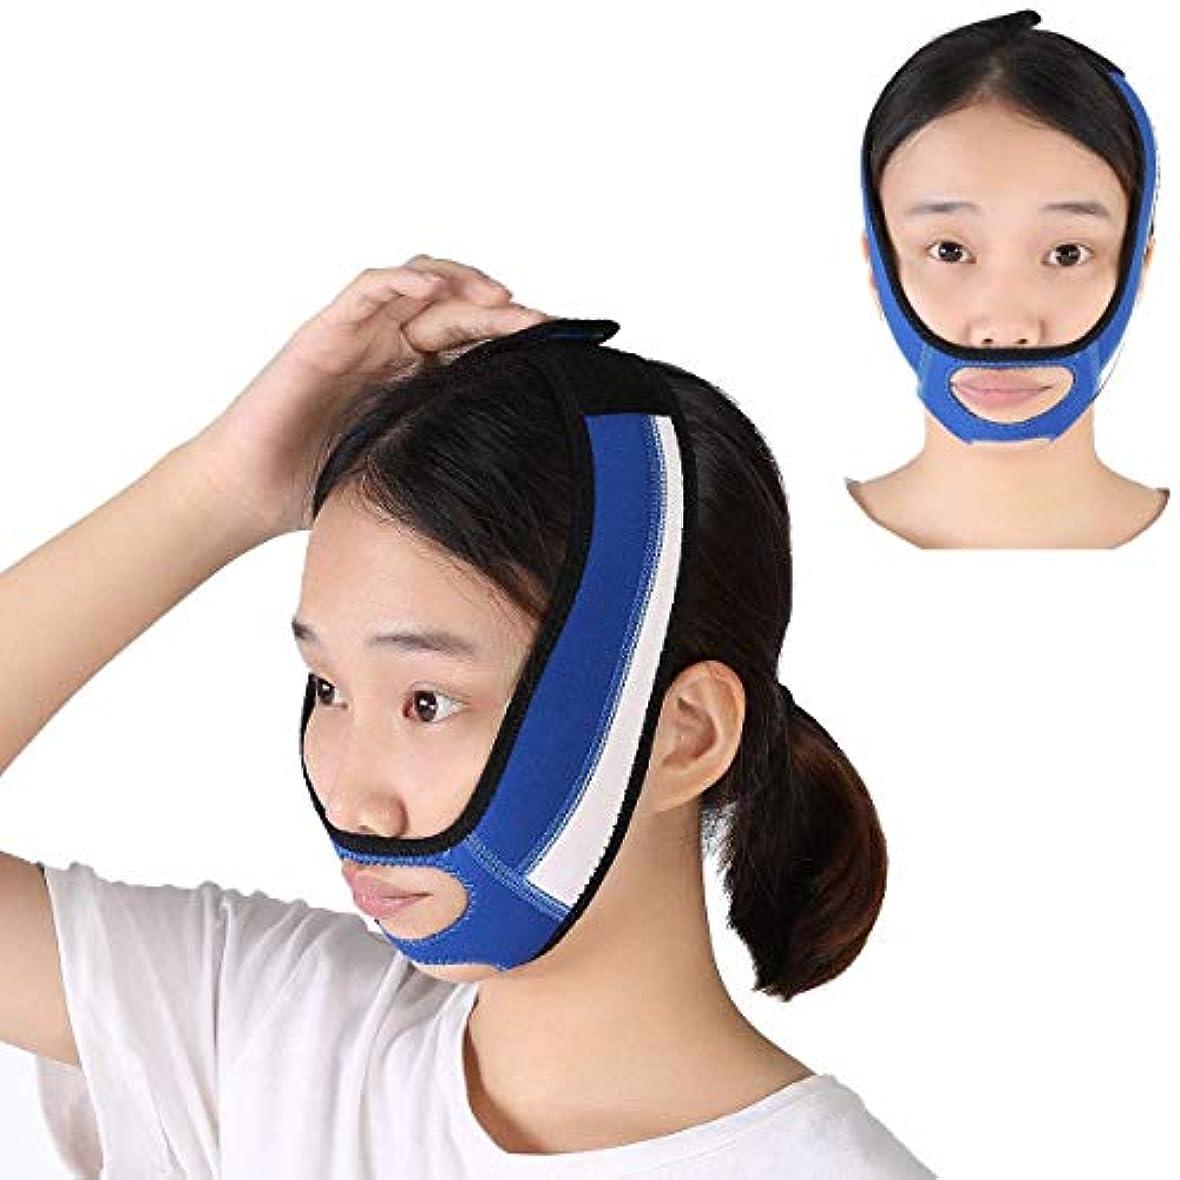 トラブル部分的実際のフェイシャルスリミングバンド-フェイスケアスキンマスクを締めます-フェイシャルスリミング用Vラインフェイスベルト、ダブルチン&しわの除去